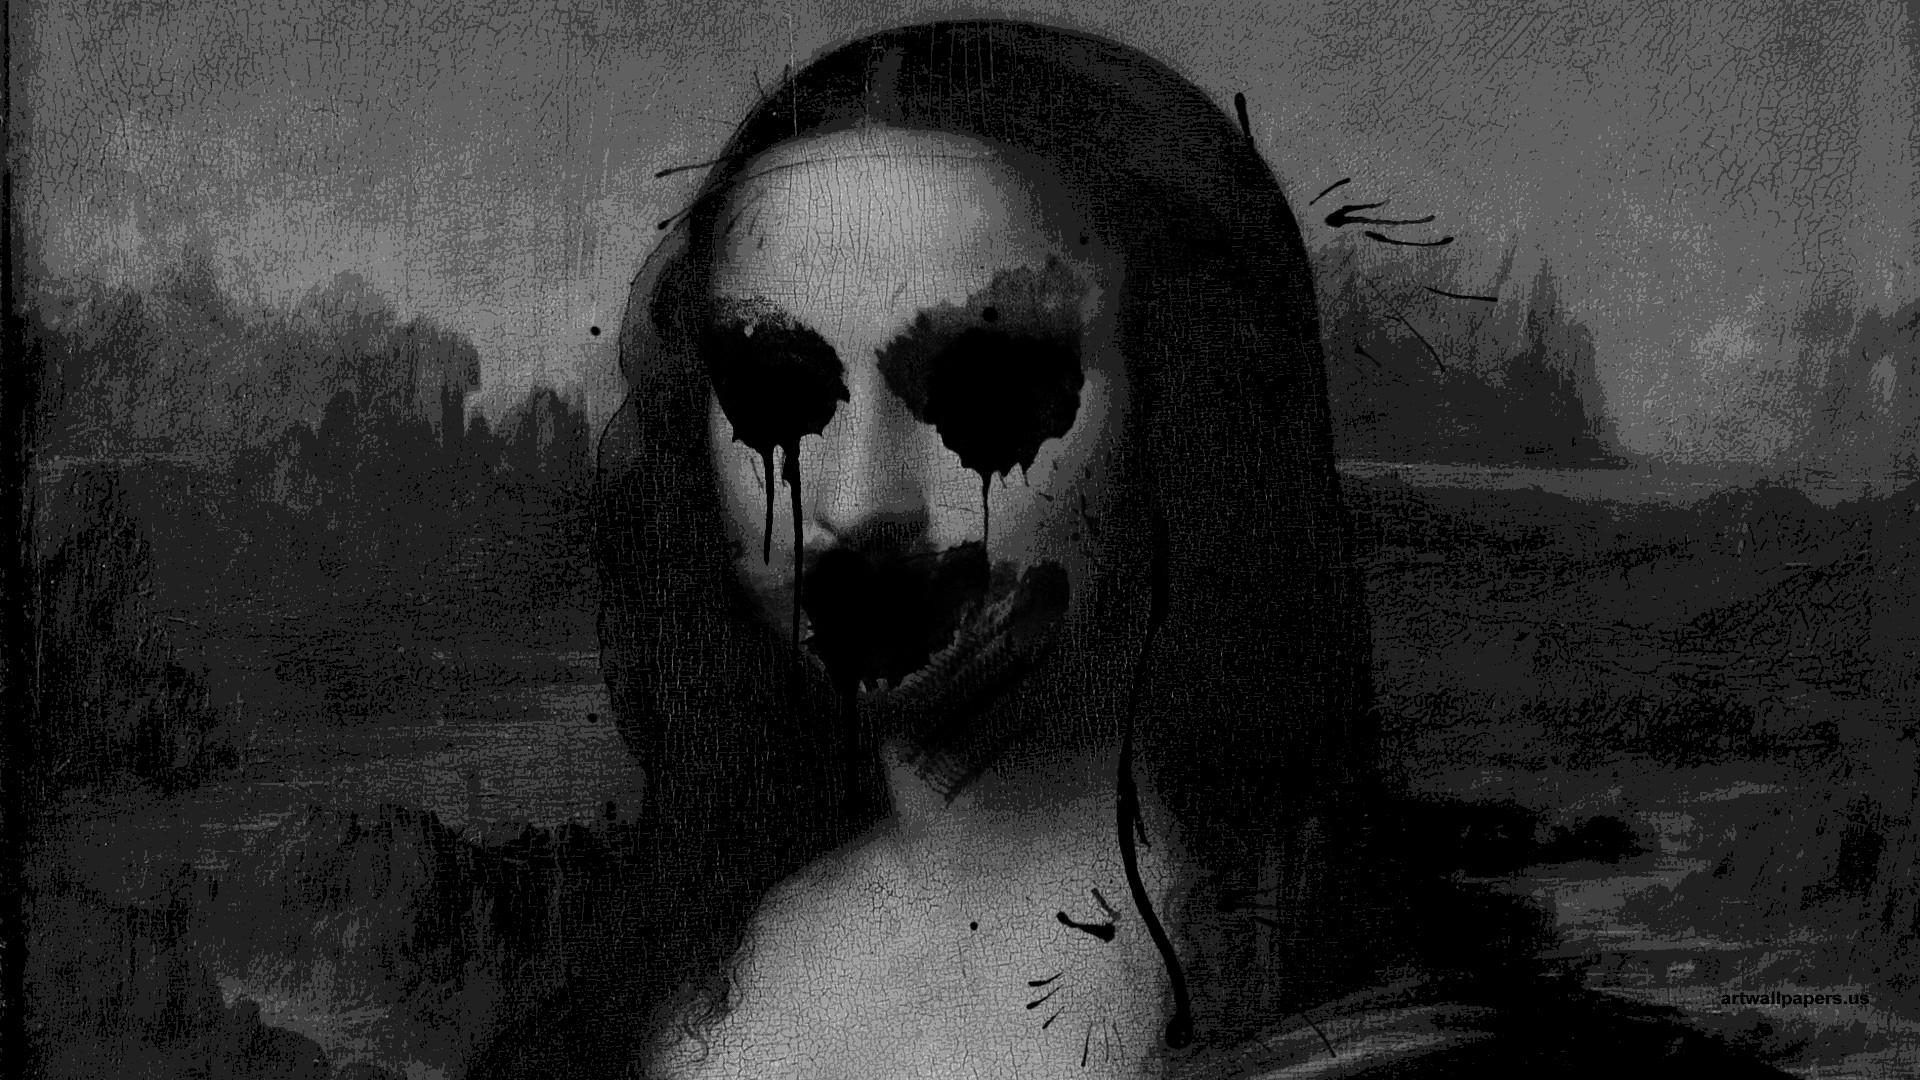 Creepy HD Wallpaper (56+ images)